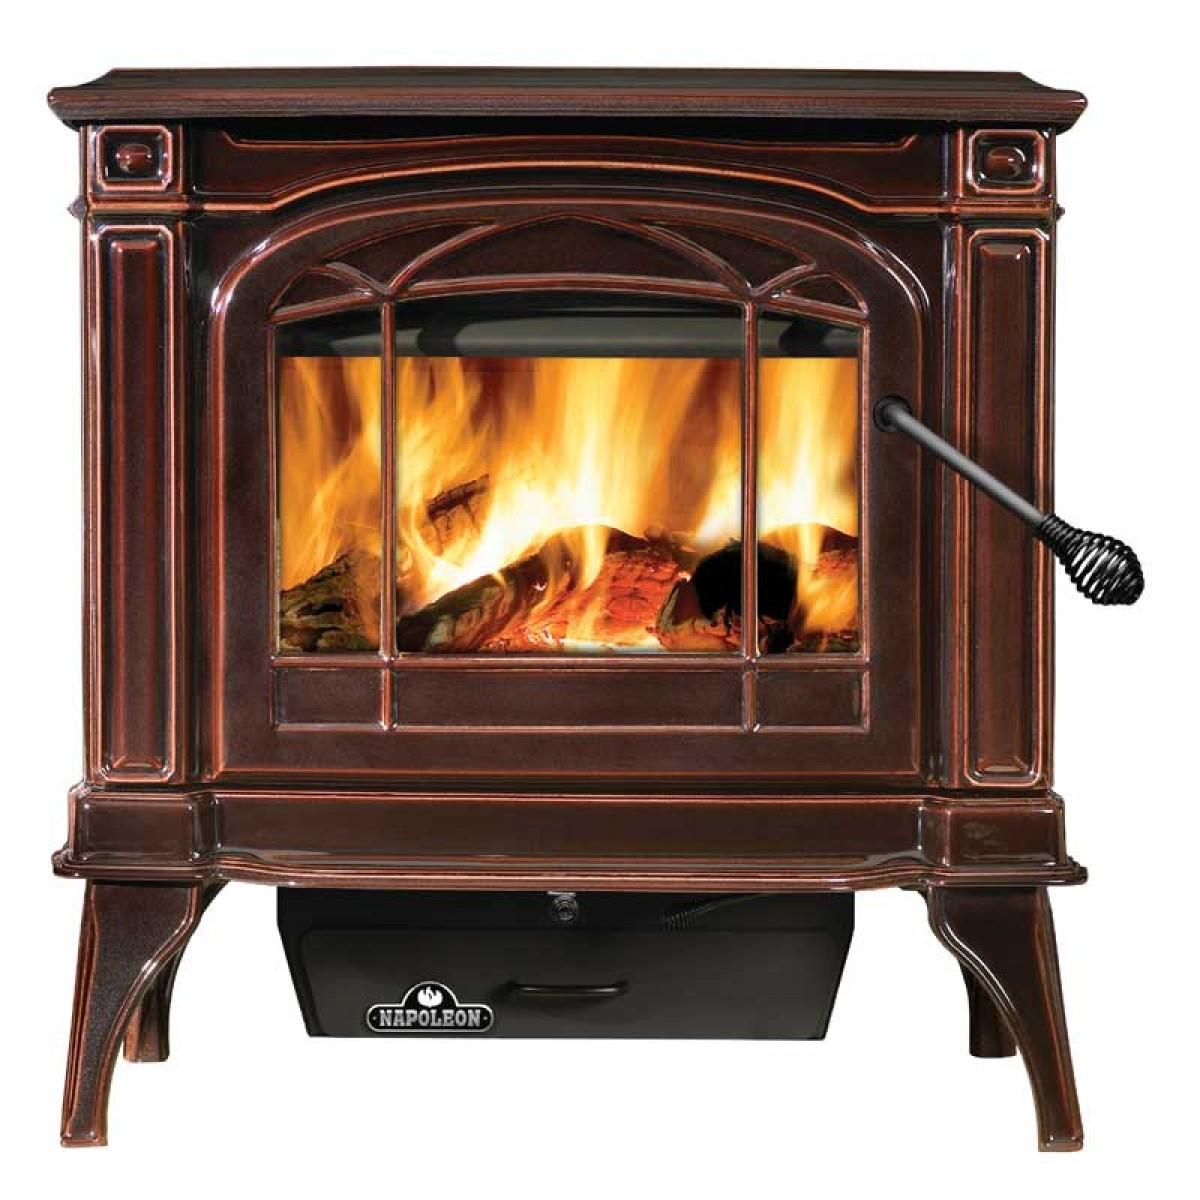 napoleon 1100c banff cast iron wood burning stove at